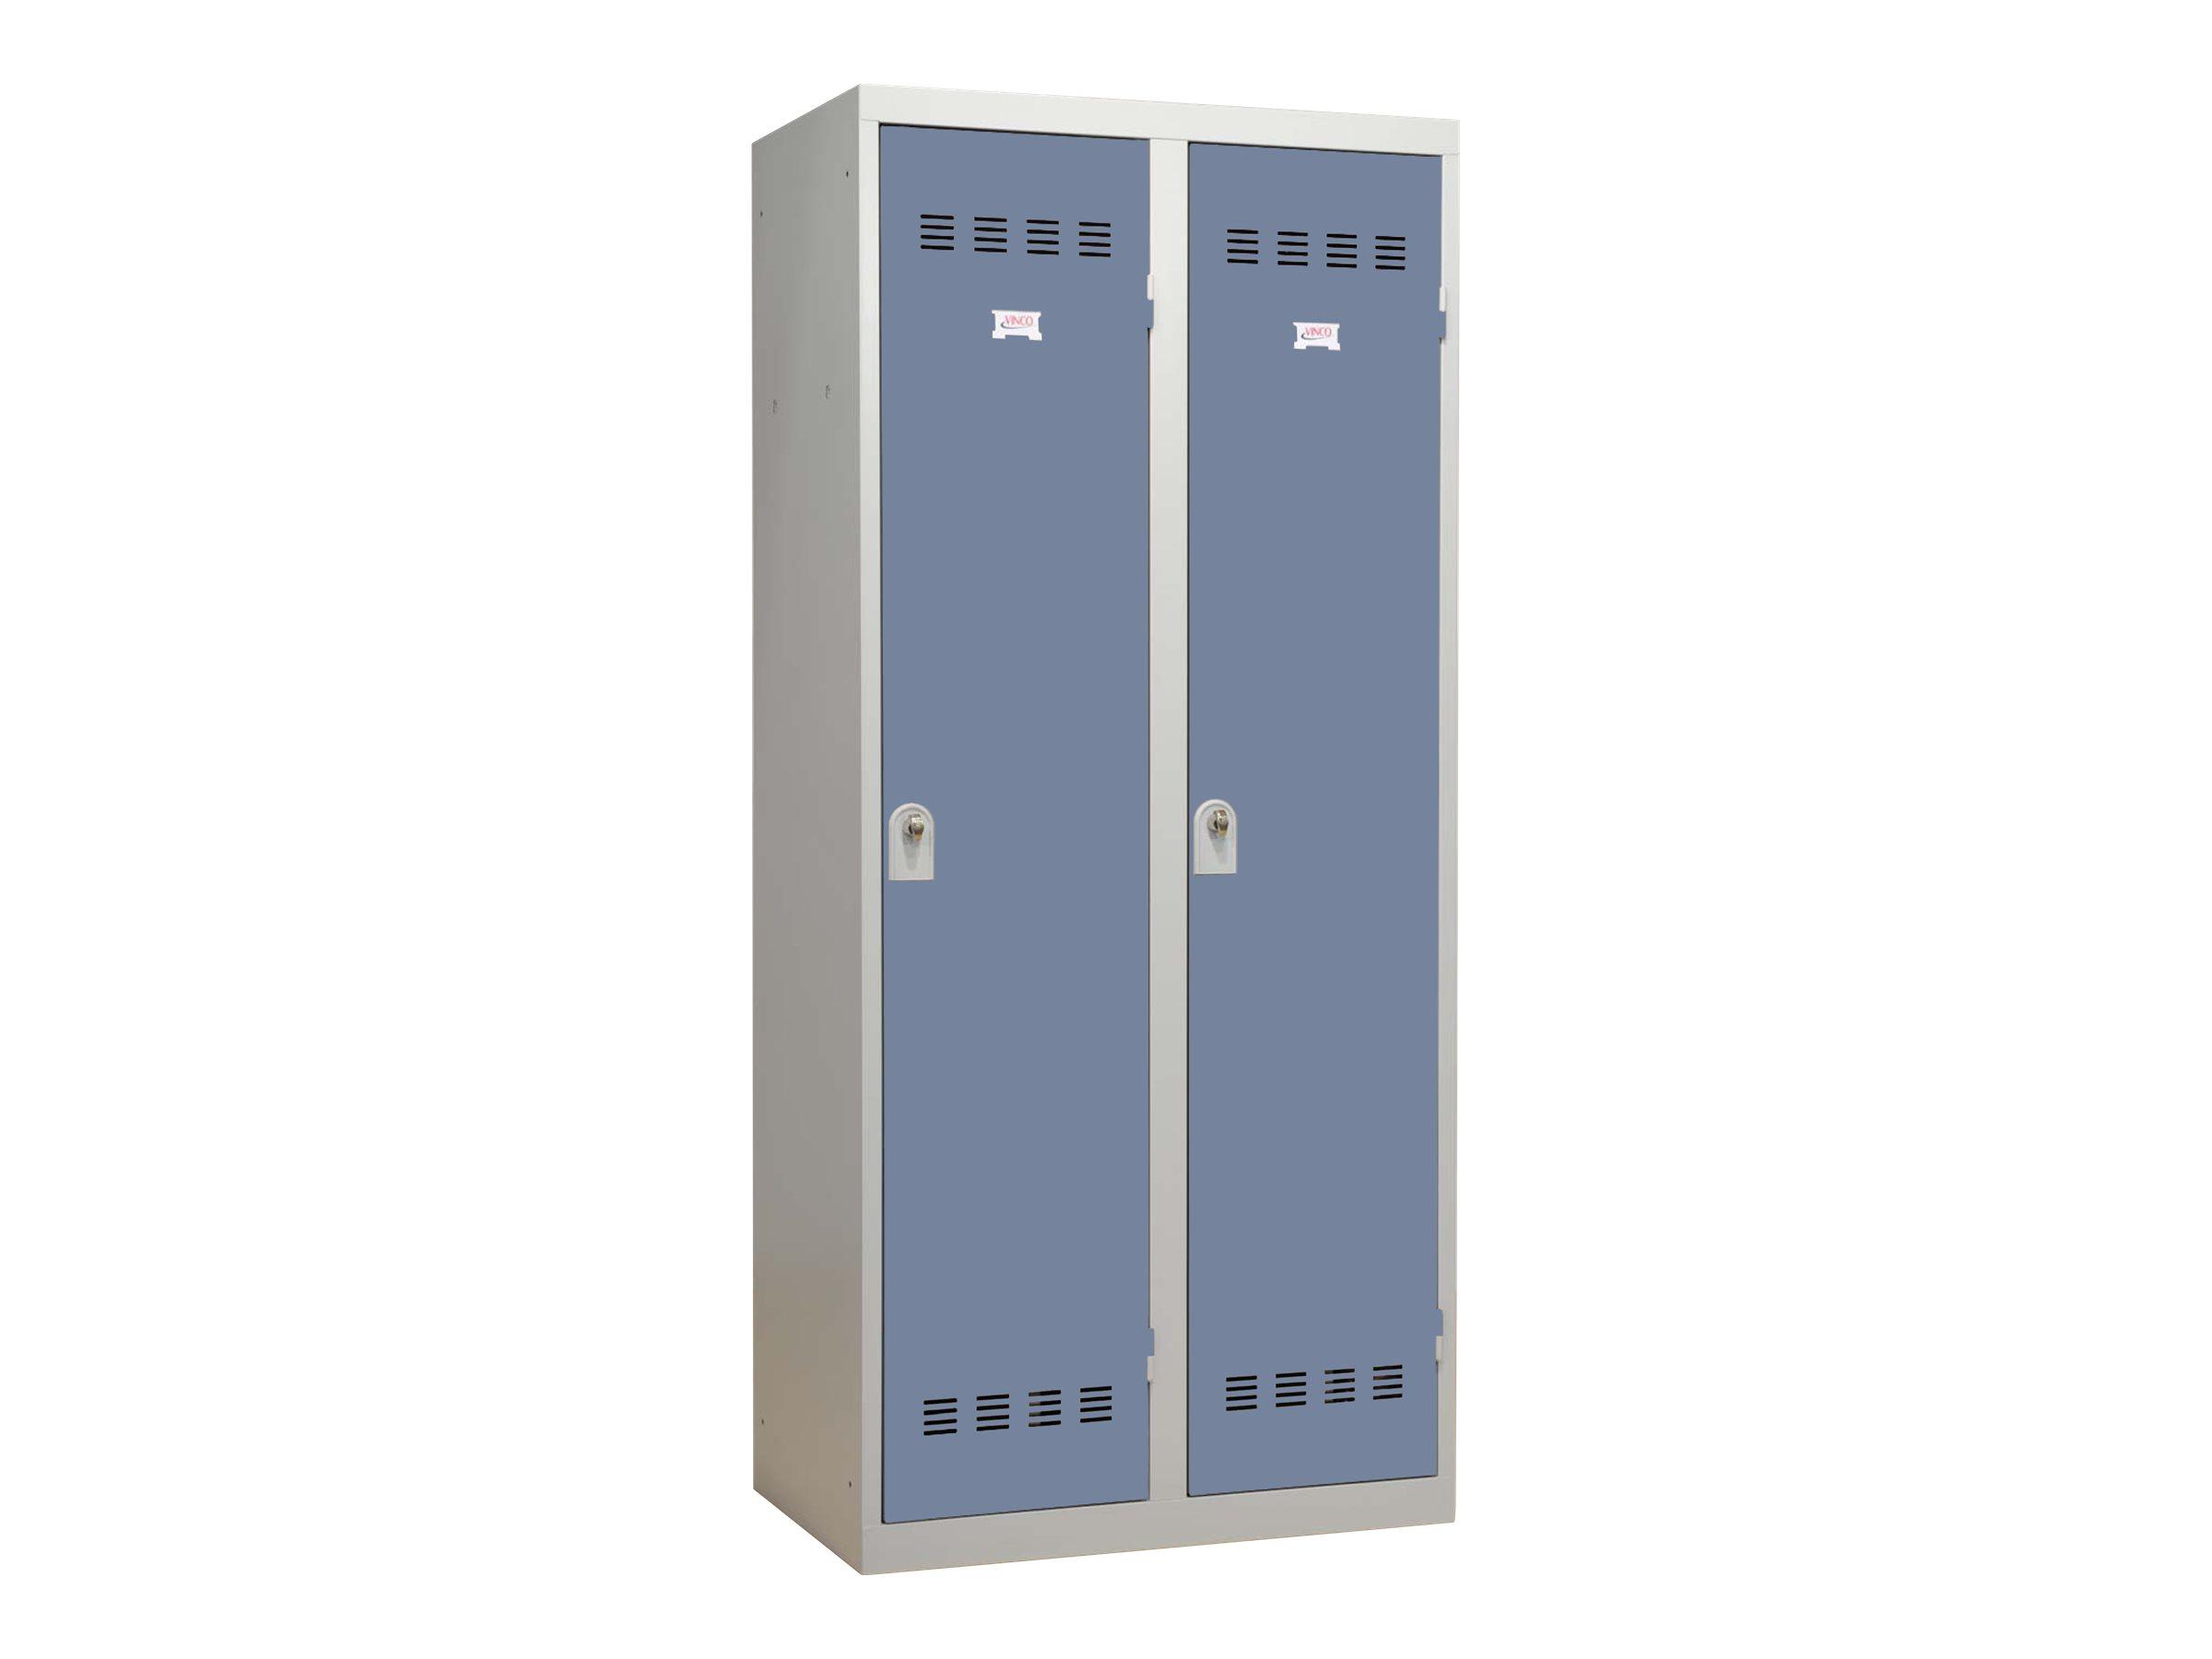 Vestiaire Industrie Salissante - 2 portes - 180 x 80 x 50 cm - gris/beu